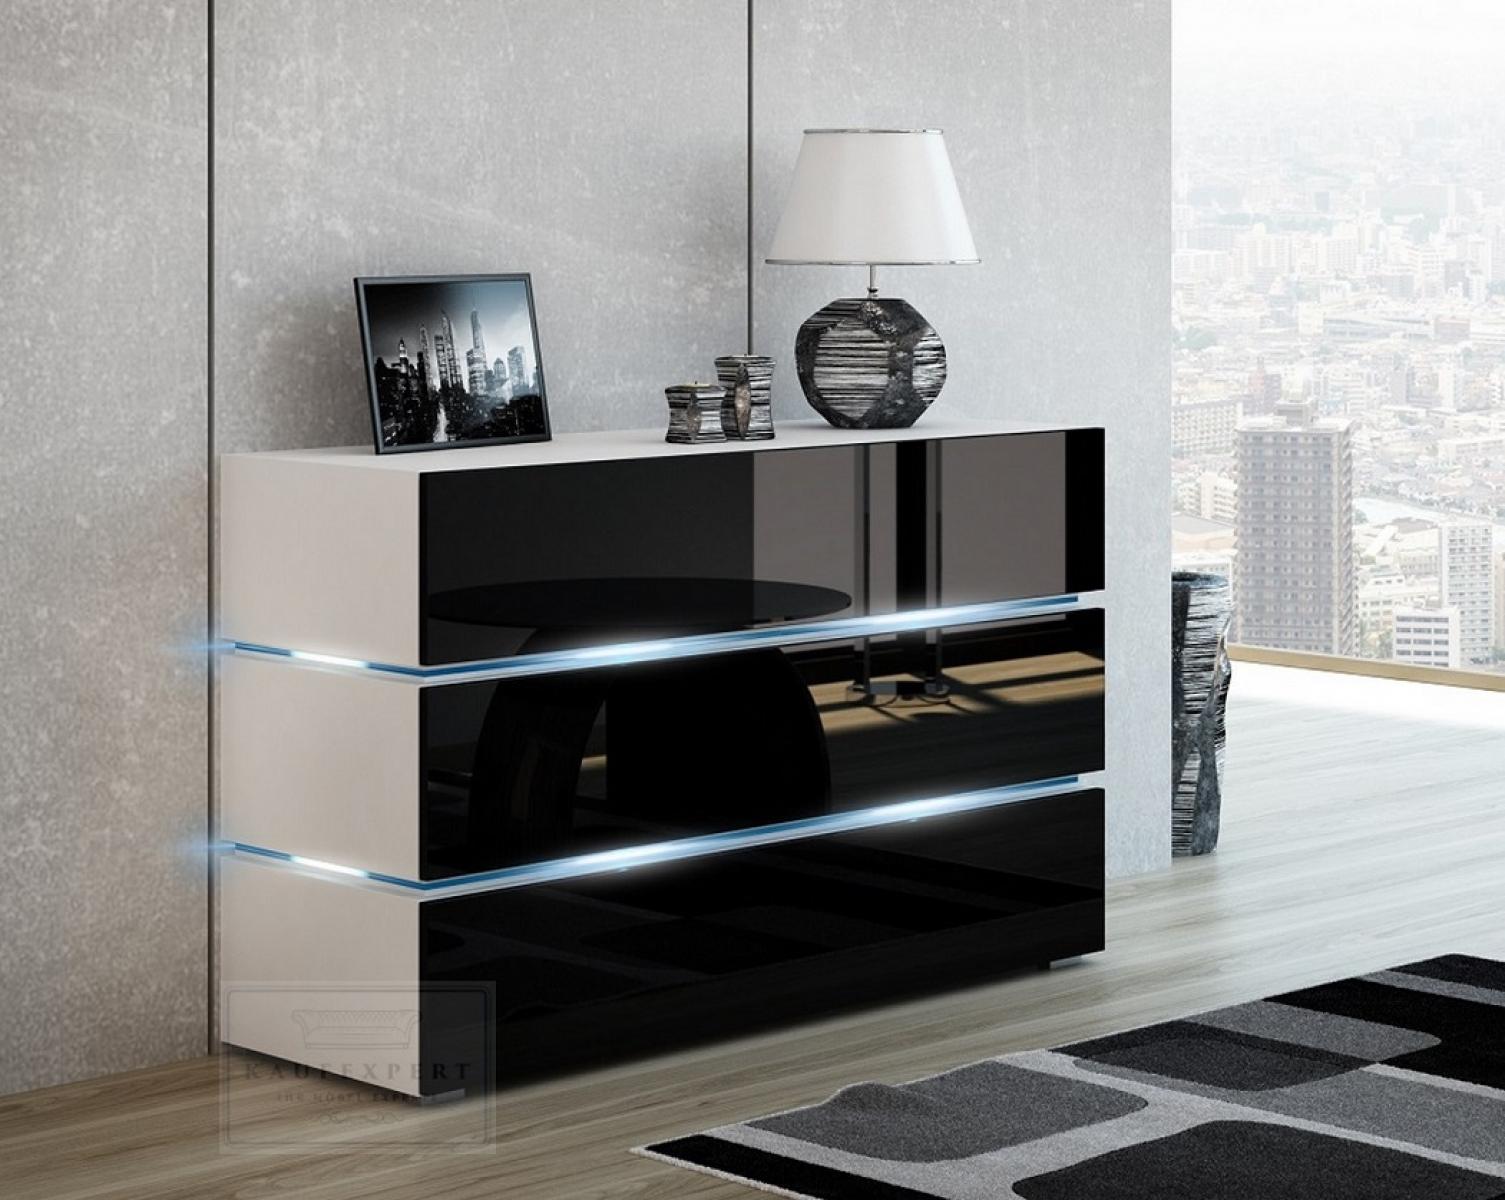 KAUFEXPERT  Kommode Shine Sideboard 120 cm Schwarz HochglanzWei LED Beleuchtung Modern Design